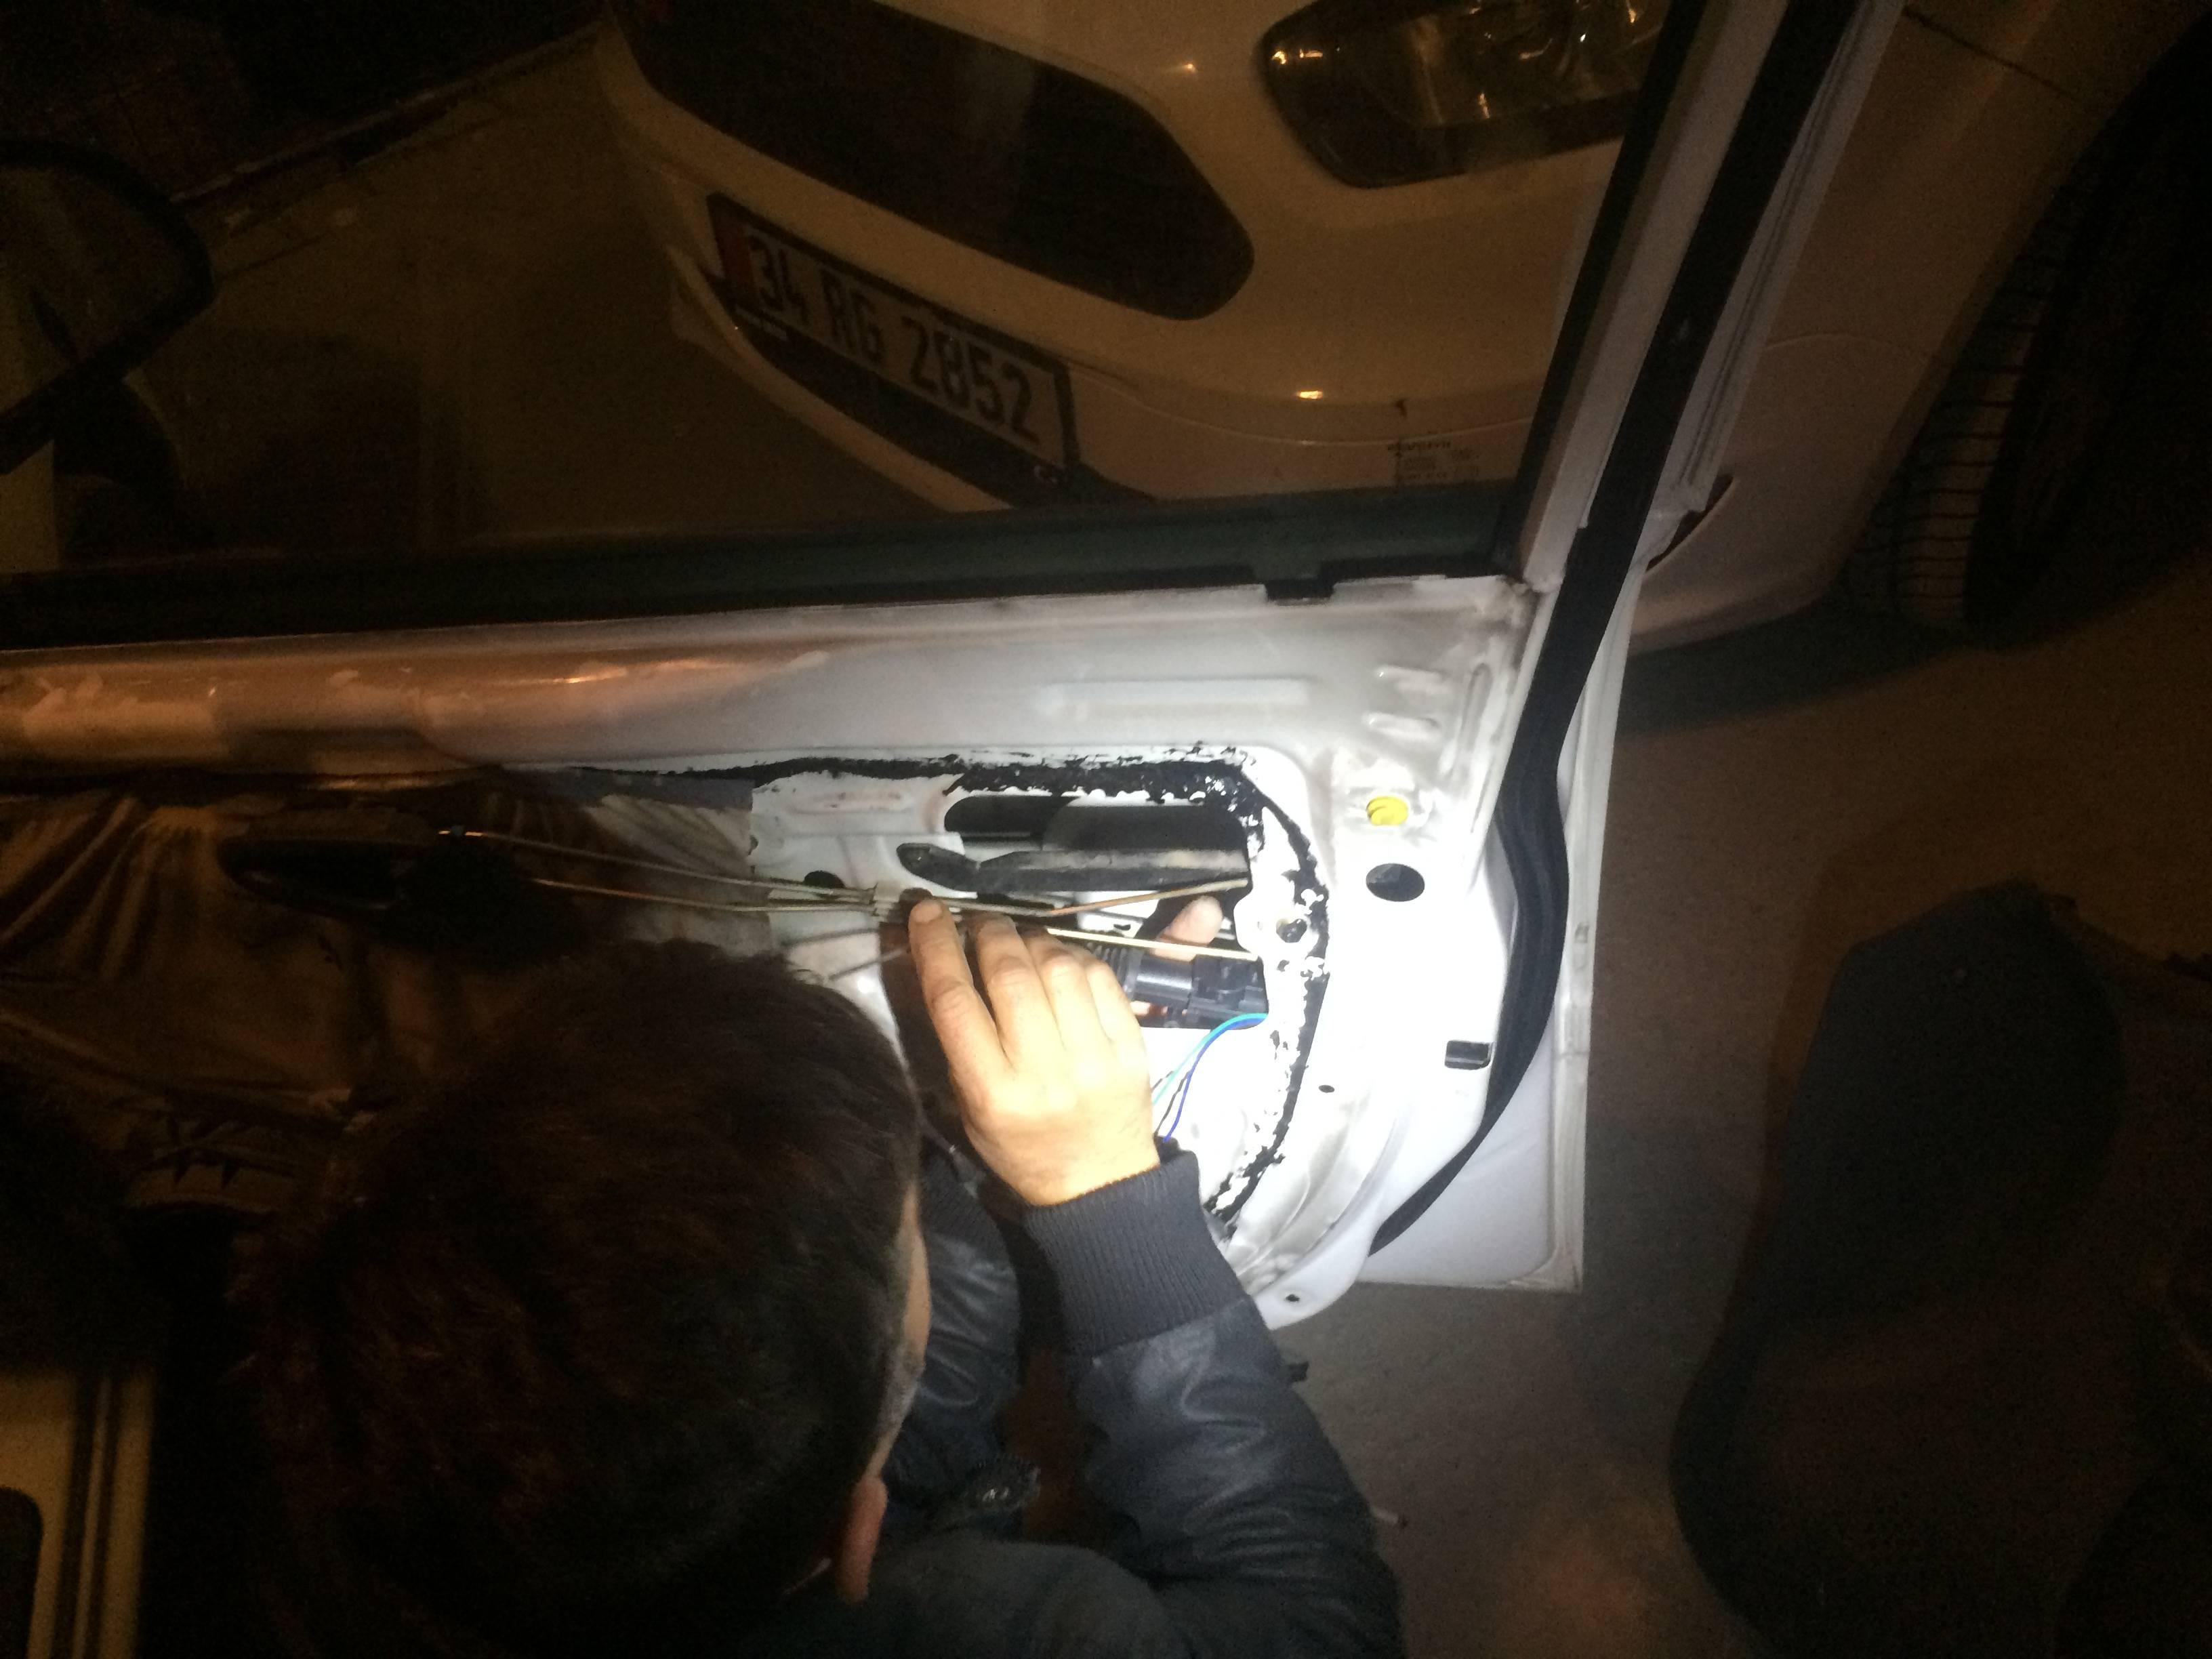 Hyundai Accent admire 2005 Kapı kilit Motoru değişimi Ucuz Onarım çözümü